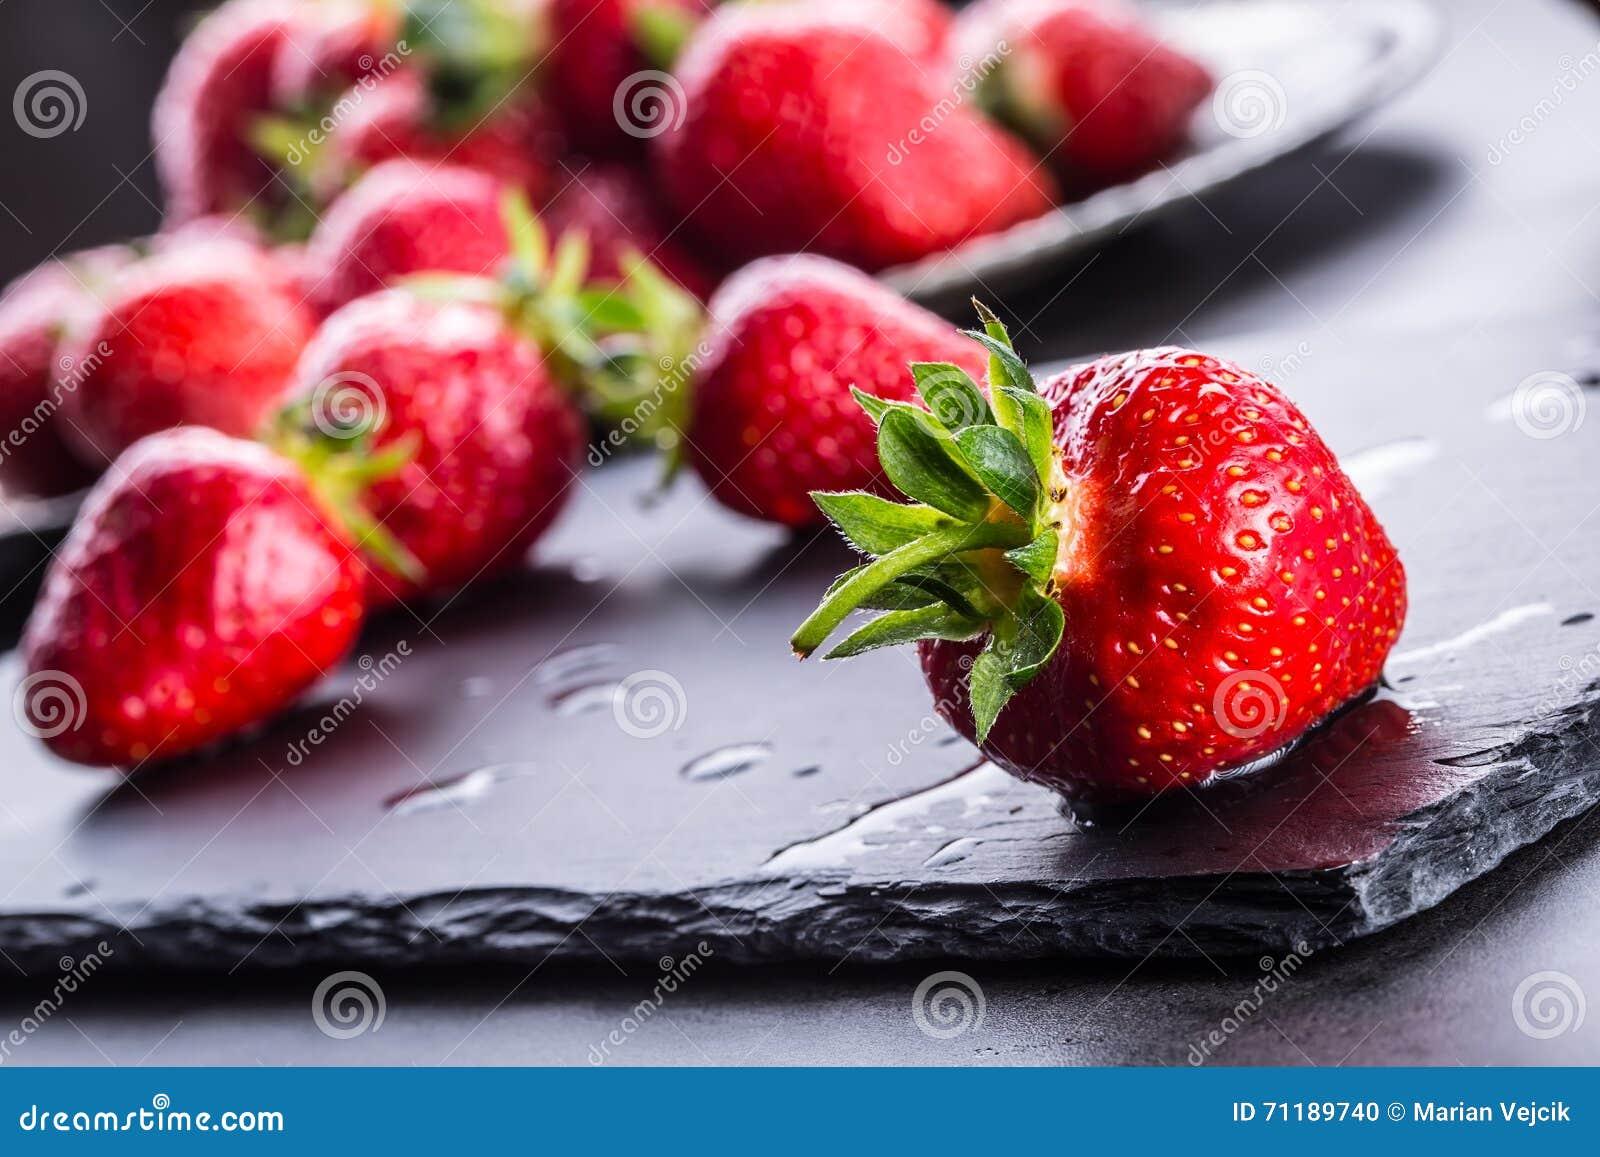 Fresa Fresa fresca Strewberry rojo Jugo de la fresa Fresas libremente puestas en diversas posiciones